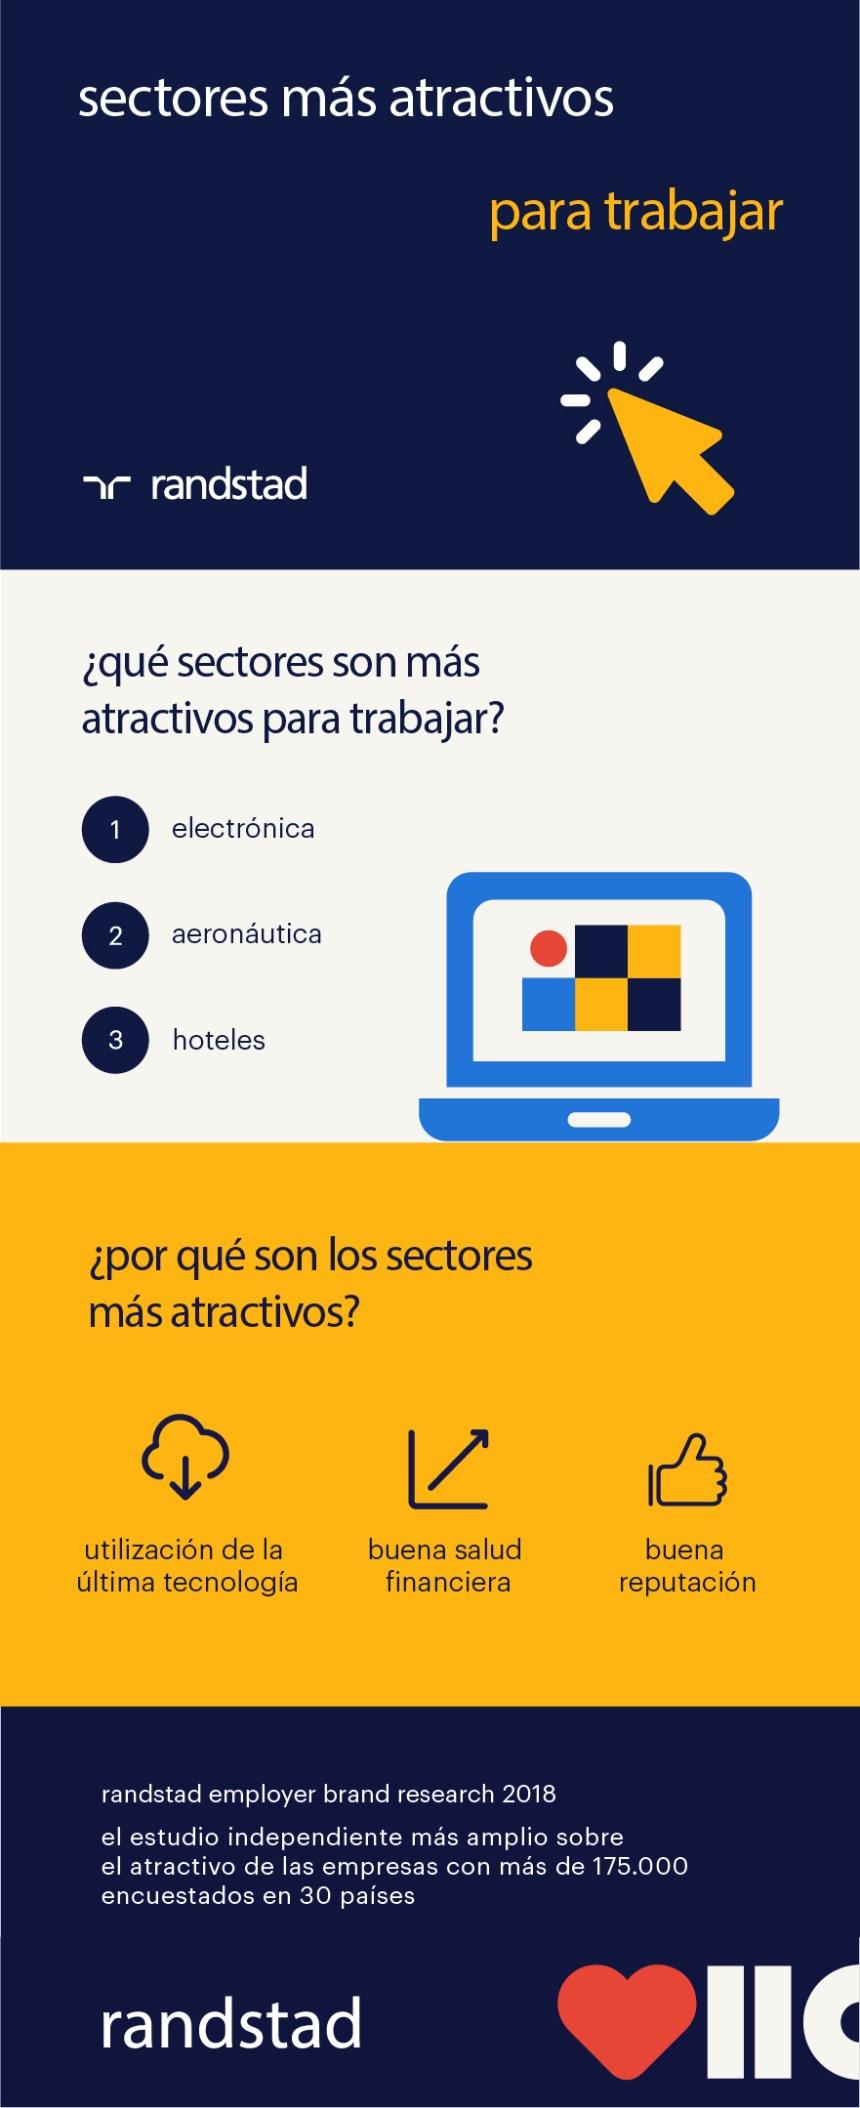 Qué sectores son los más atractivos para trabajar (y por qué)